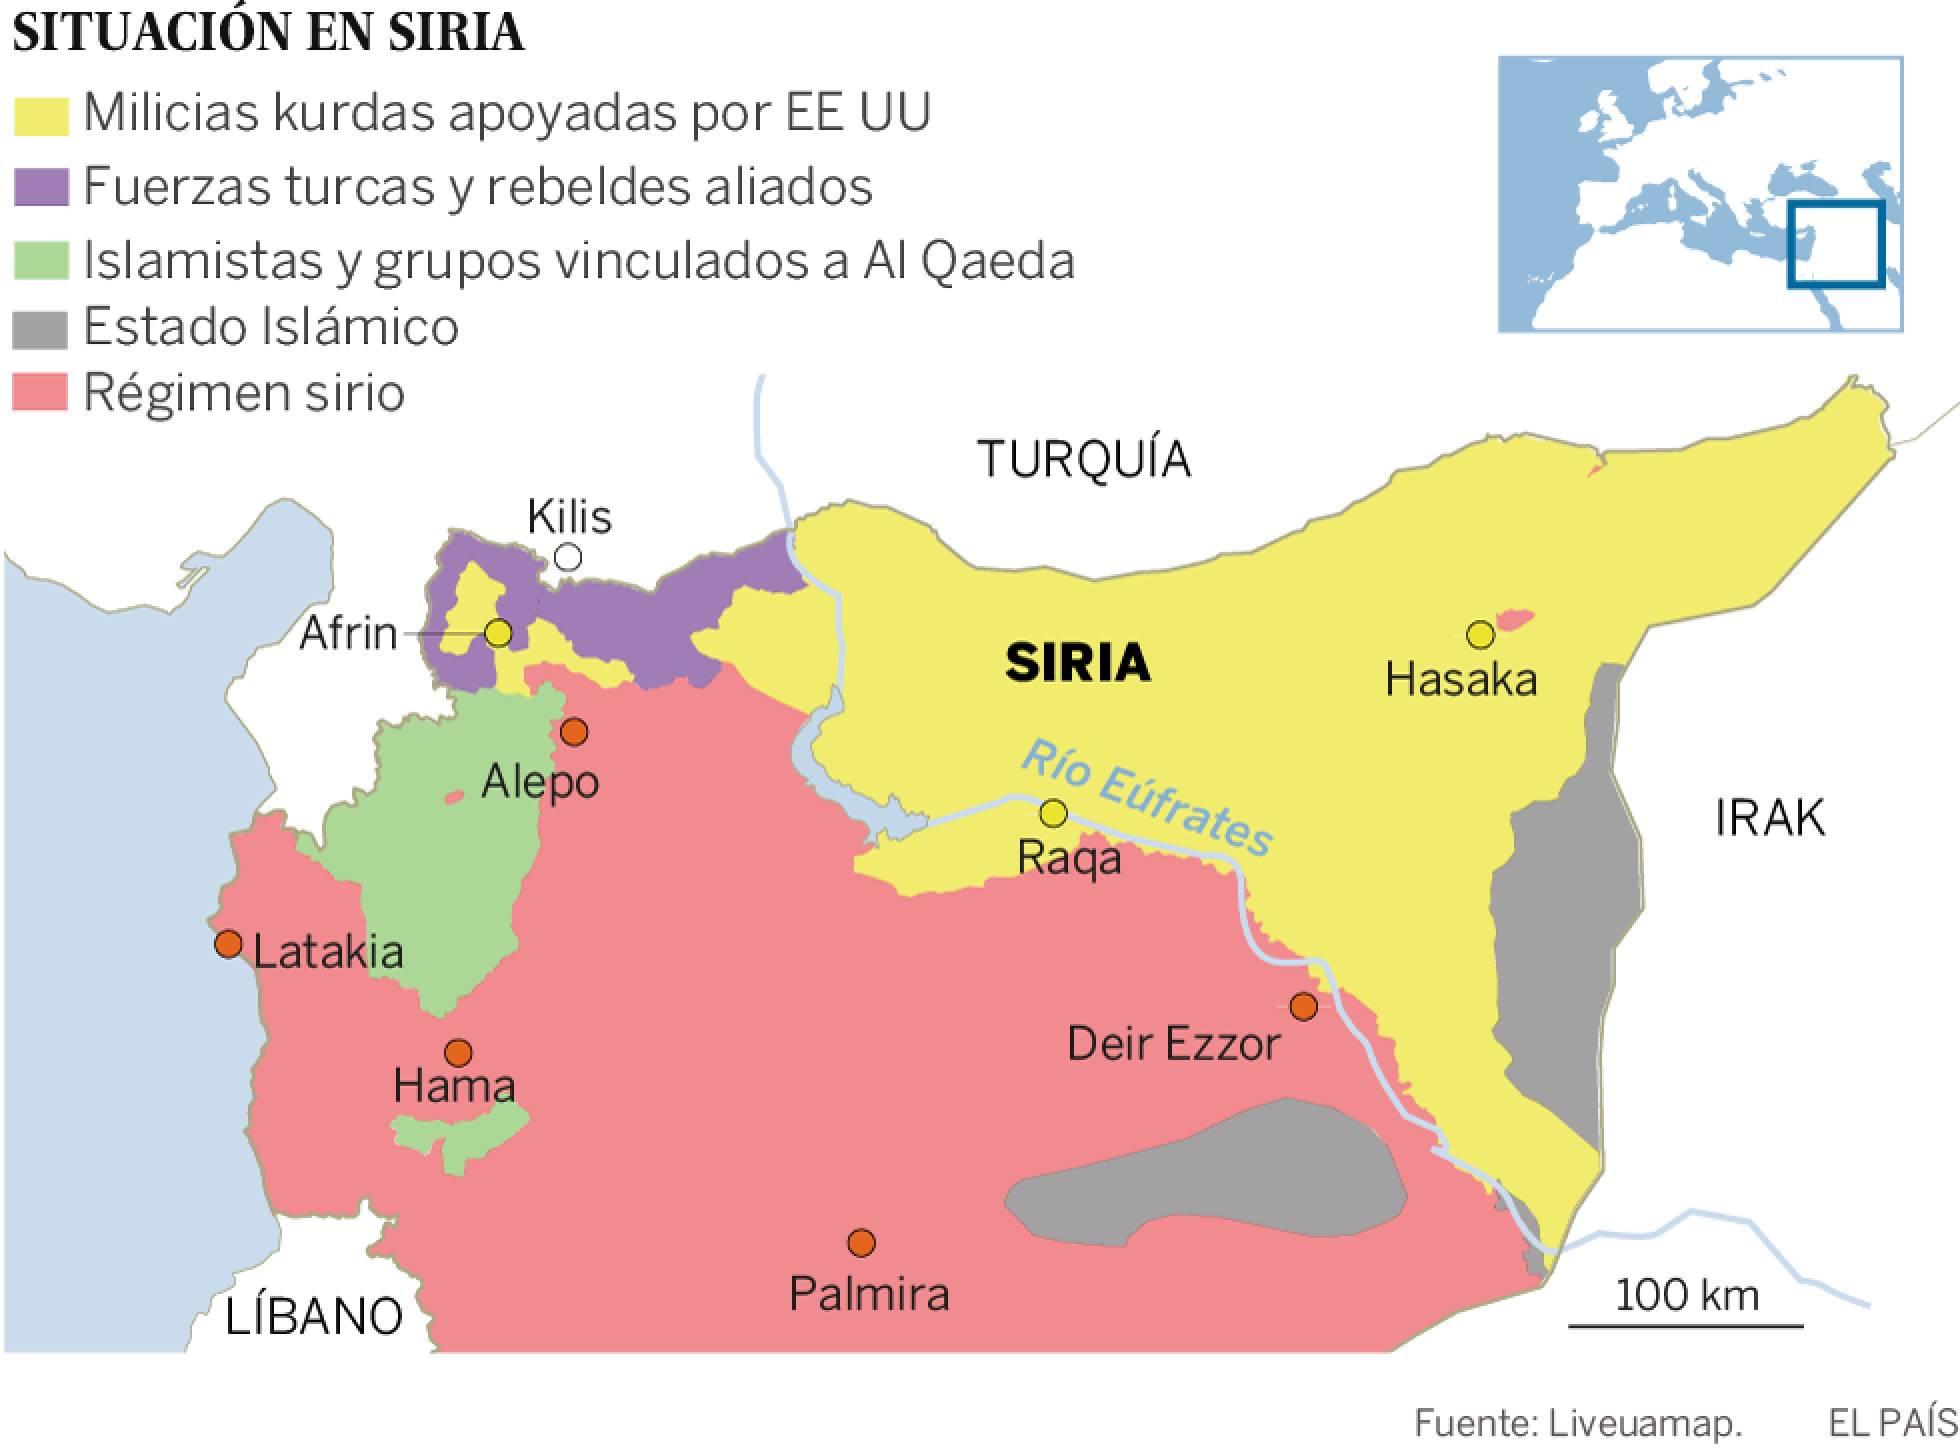 Siria. Imperialismos y  fuerzas capitalistas actuantes. Raíces de la situación. [2] - Página 9 1521034158_468171_1521046793_sumario_normal_recorte1